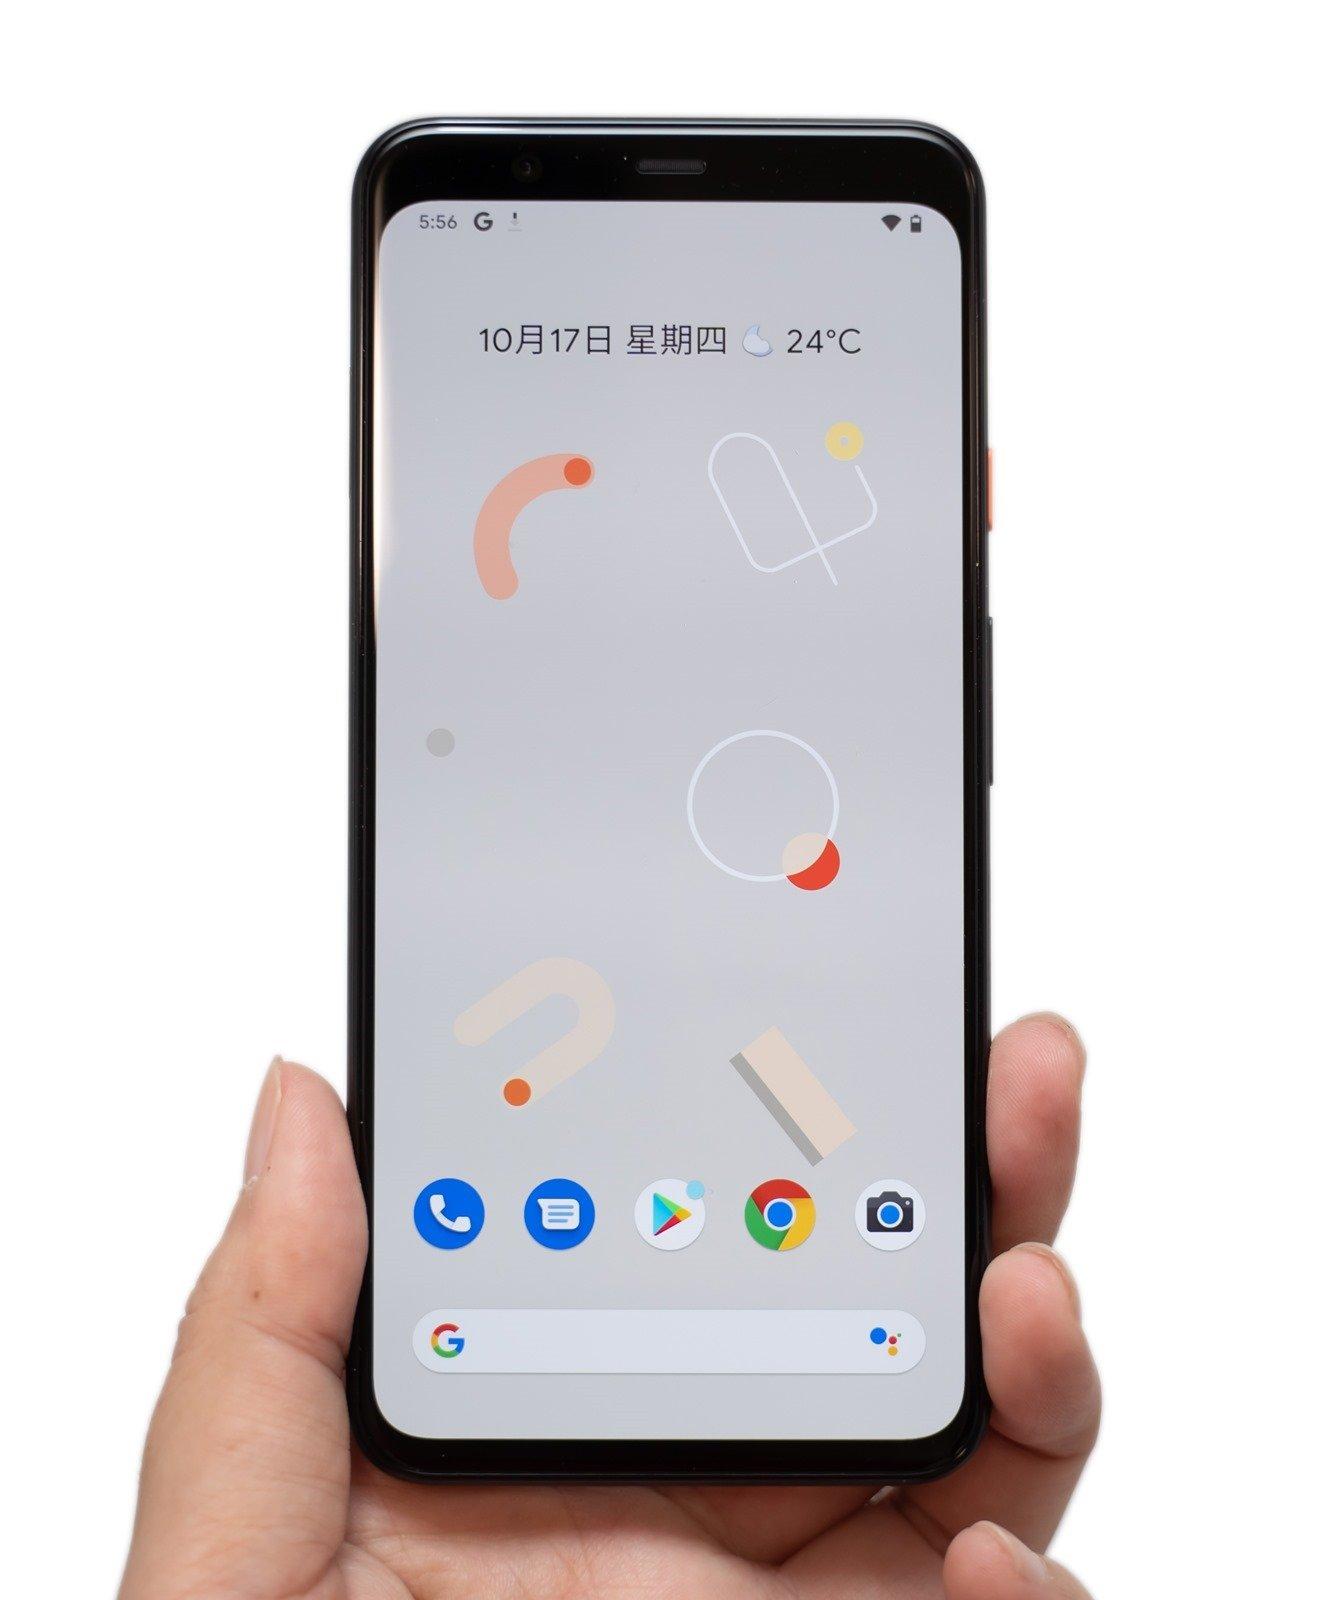 台灣將第一波上市!Google Pixel 4 XL (1) 開箱,看看盒中有什麼? ( Google Pixel 4 XL Unboxing) 附規格 / 彙整資料 @3C 達人廖阿輝